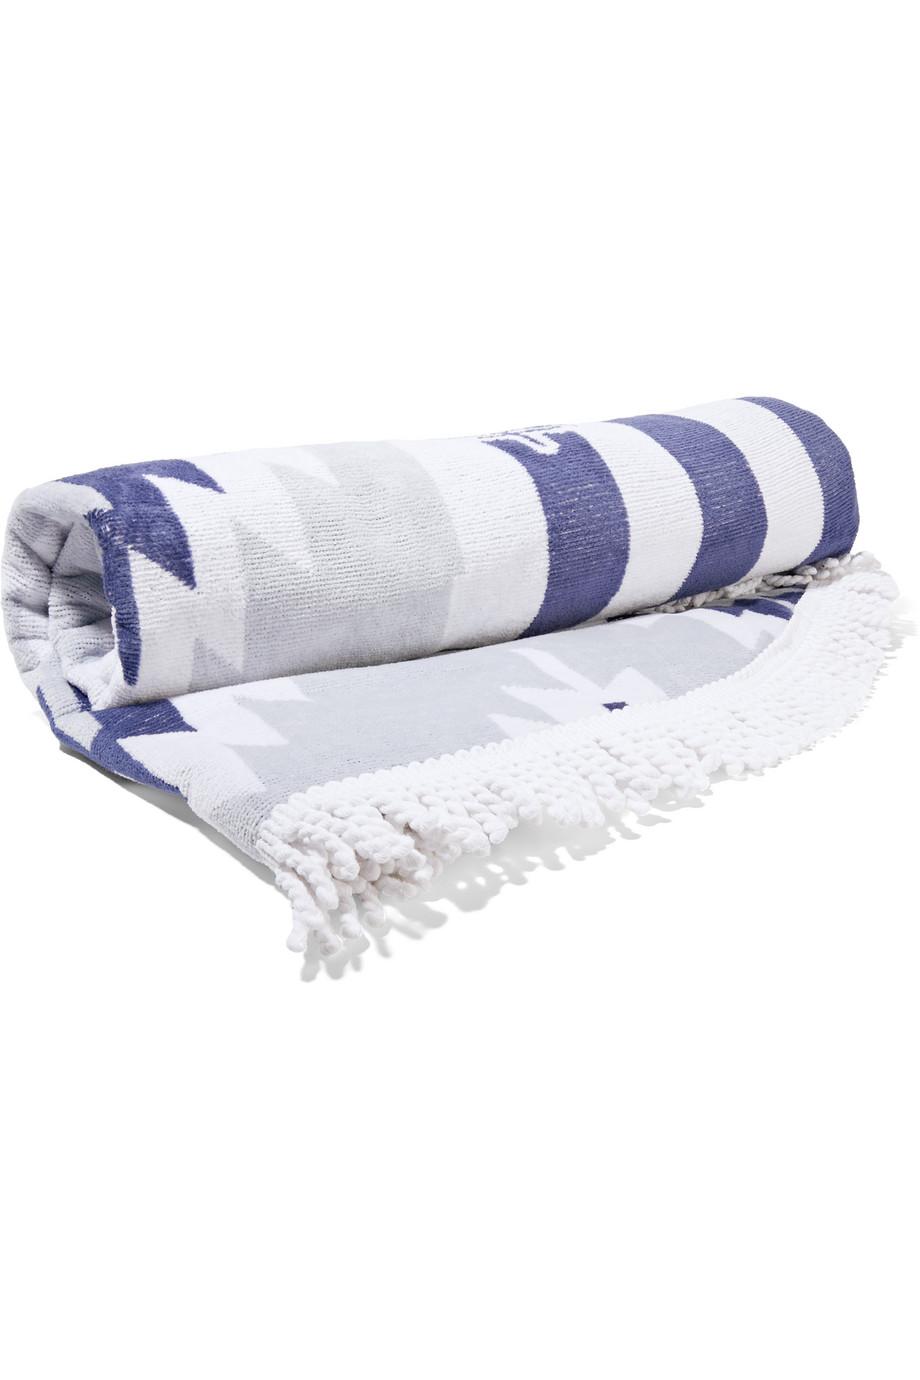 The Montauk Round Woven Cotton-Terry Towel